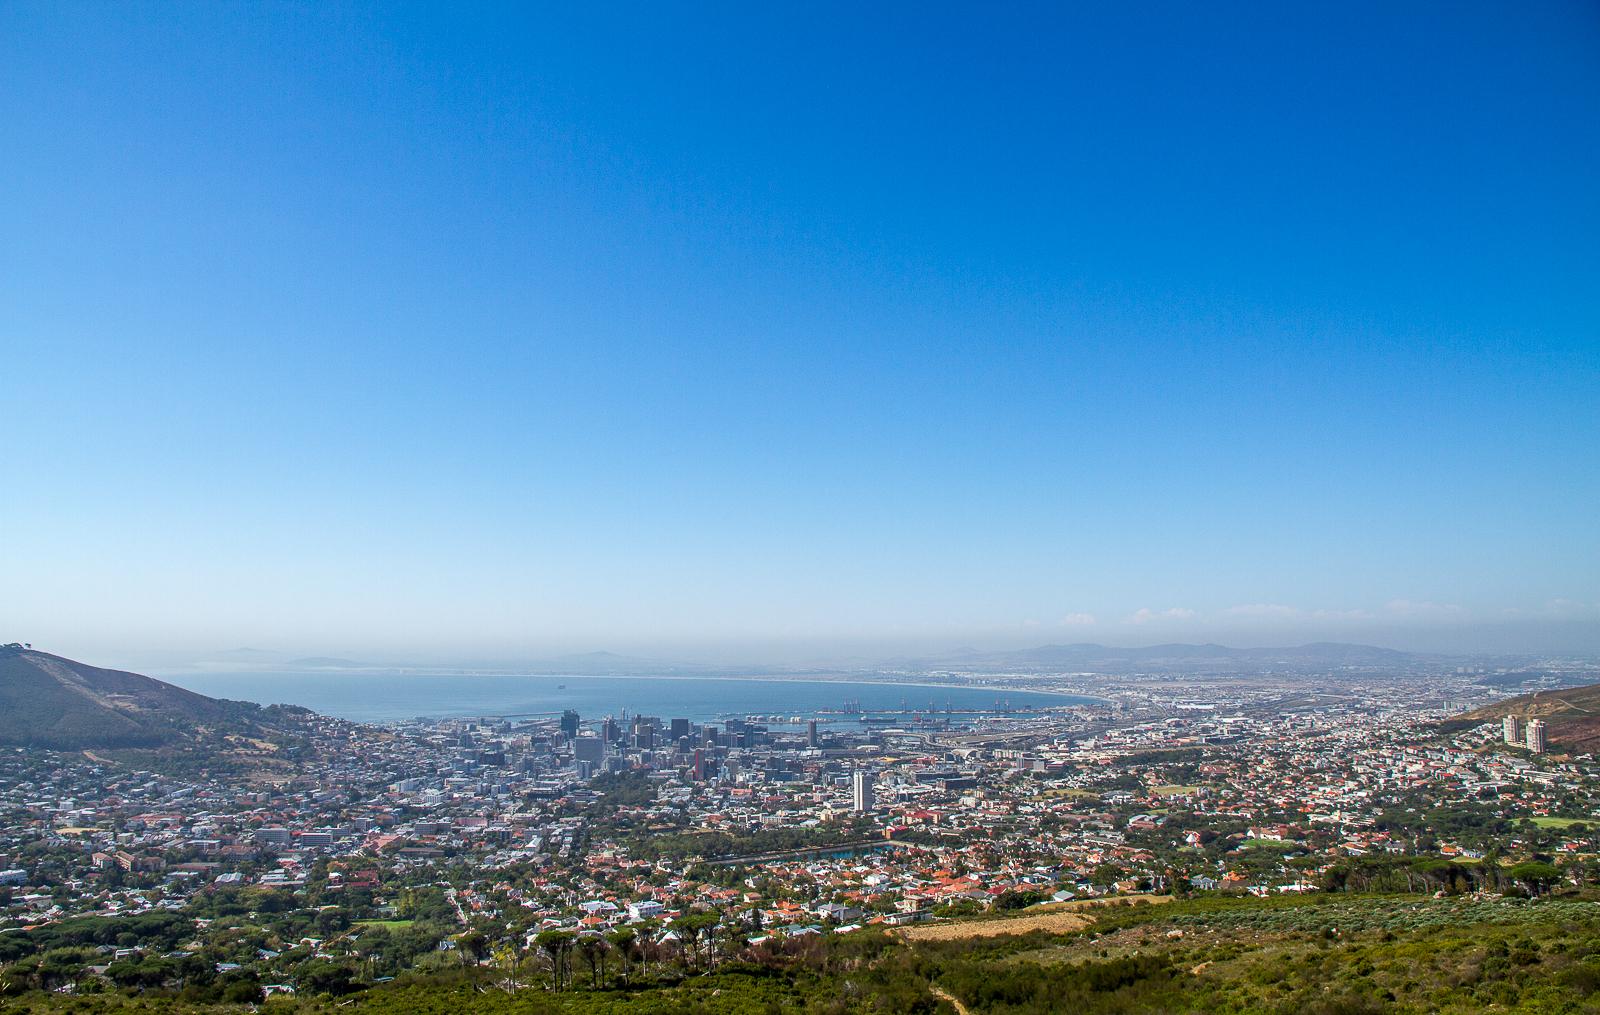 Vue sur Cape Town depuis la Table Mountain, Afrique du Sud - Partis pour